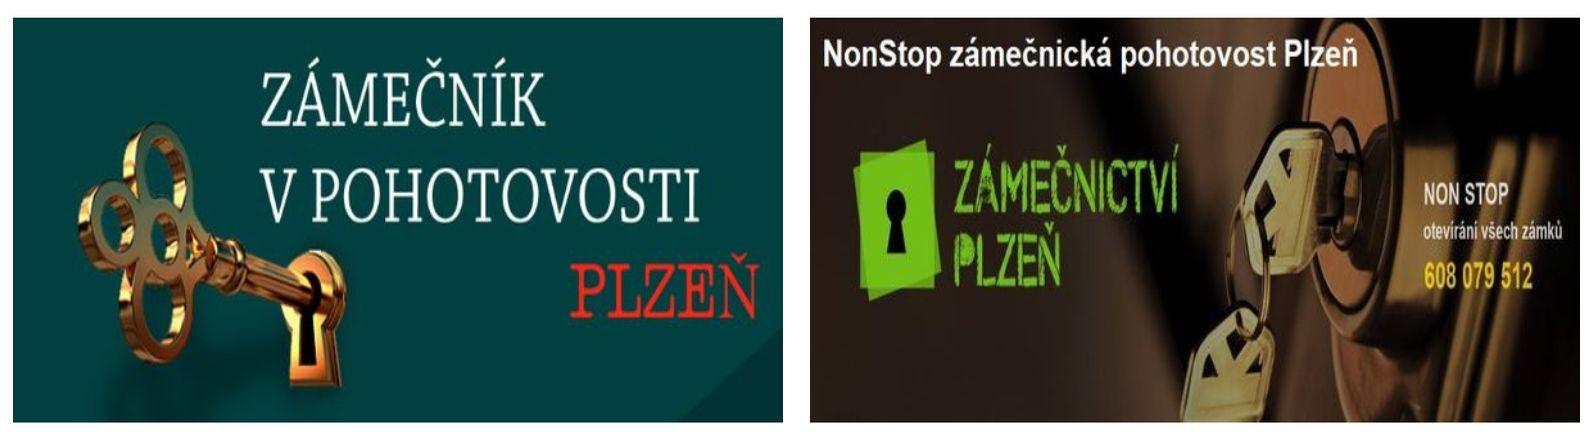 Zámečnictví – info – Plzeň – služby zámečnictví NonStop. Non Stop zámečnictví v Plzni.